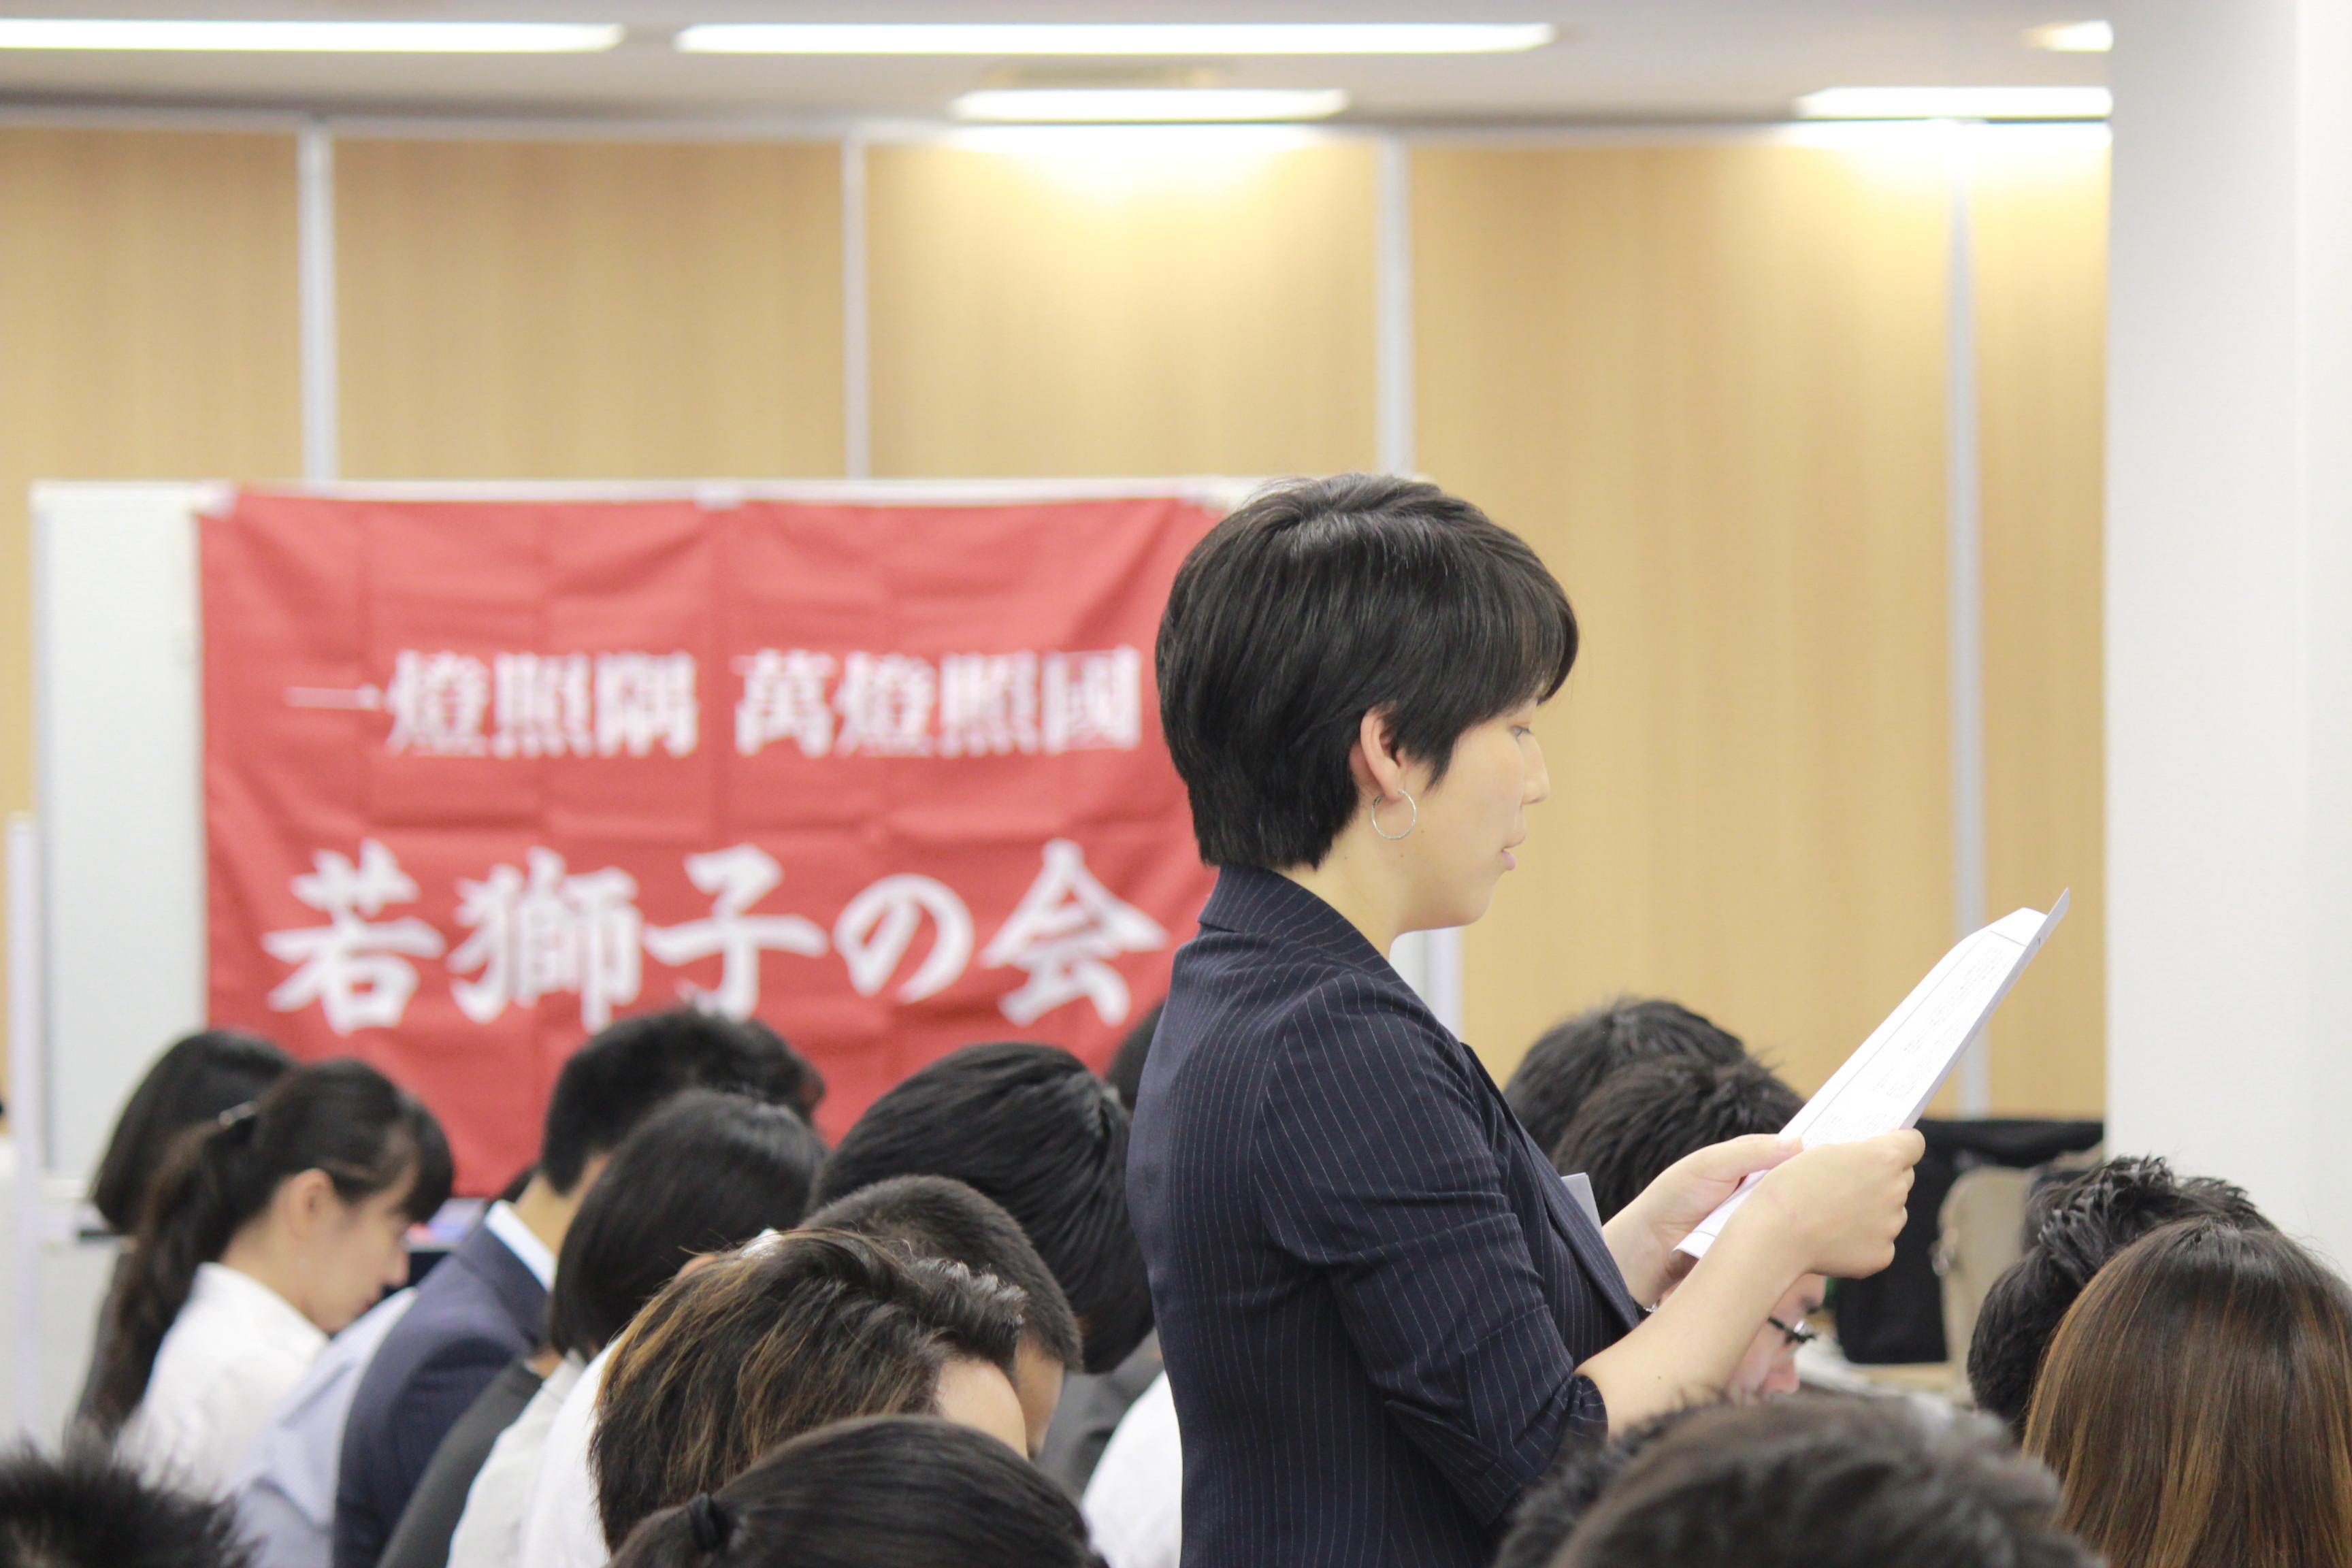 IMG 7853 - 関東若獅子の会、記念すべき第100回